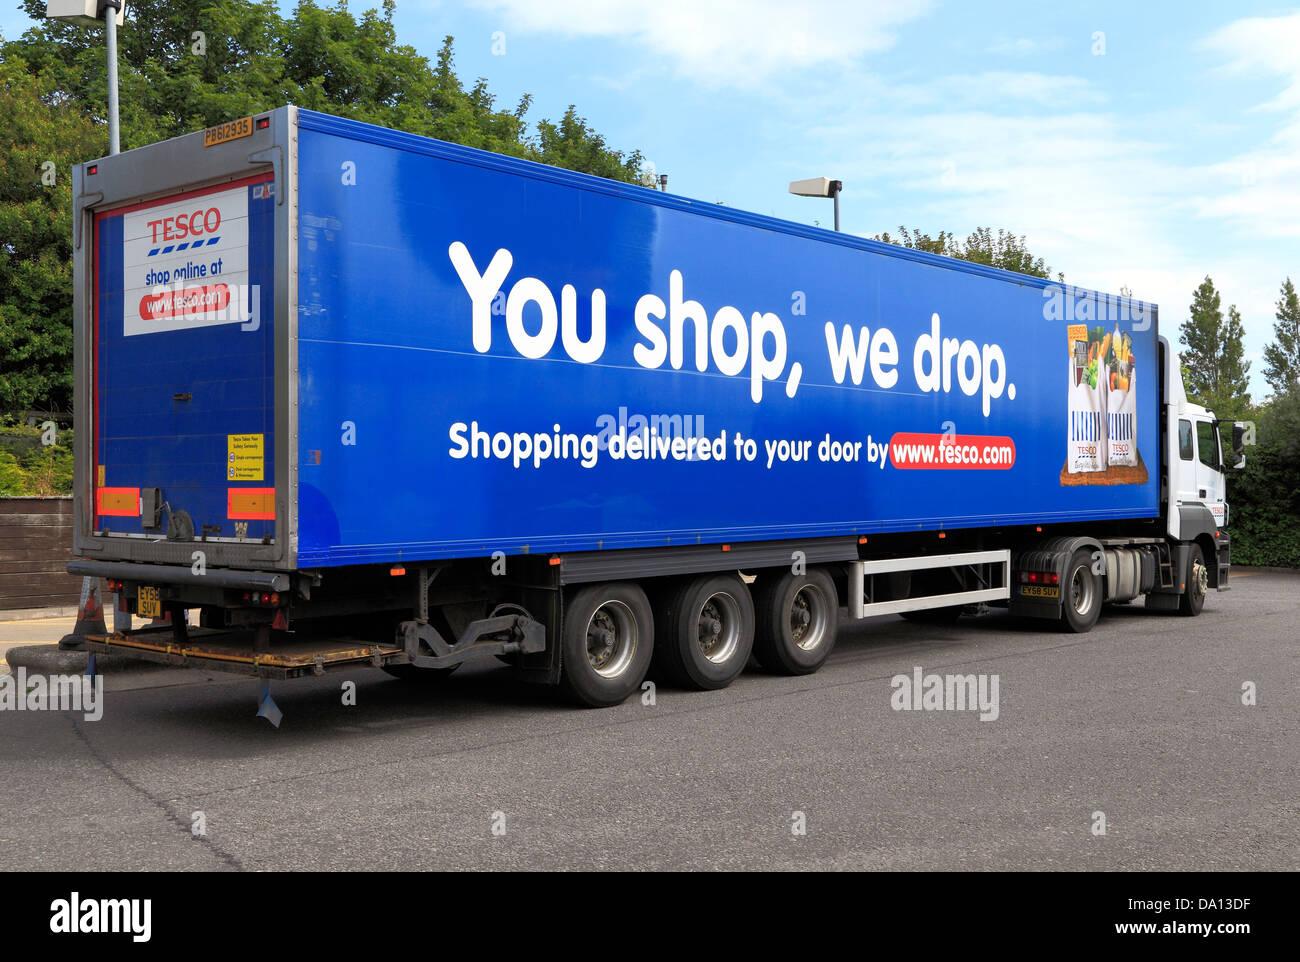 """Tesco Onlineshopping Fahrzeug, Transporter """"Sie einkaufen, wir fallen"""", Lieferwagen, LKW, England UK Stockbild"""